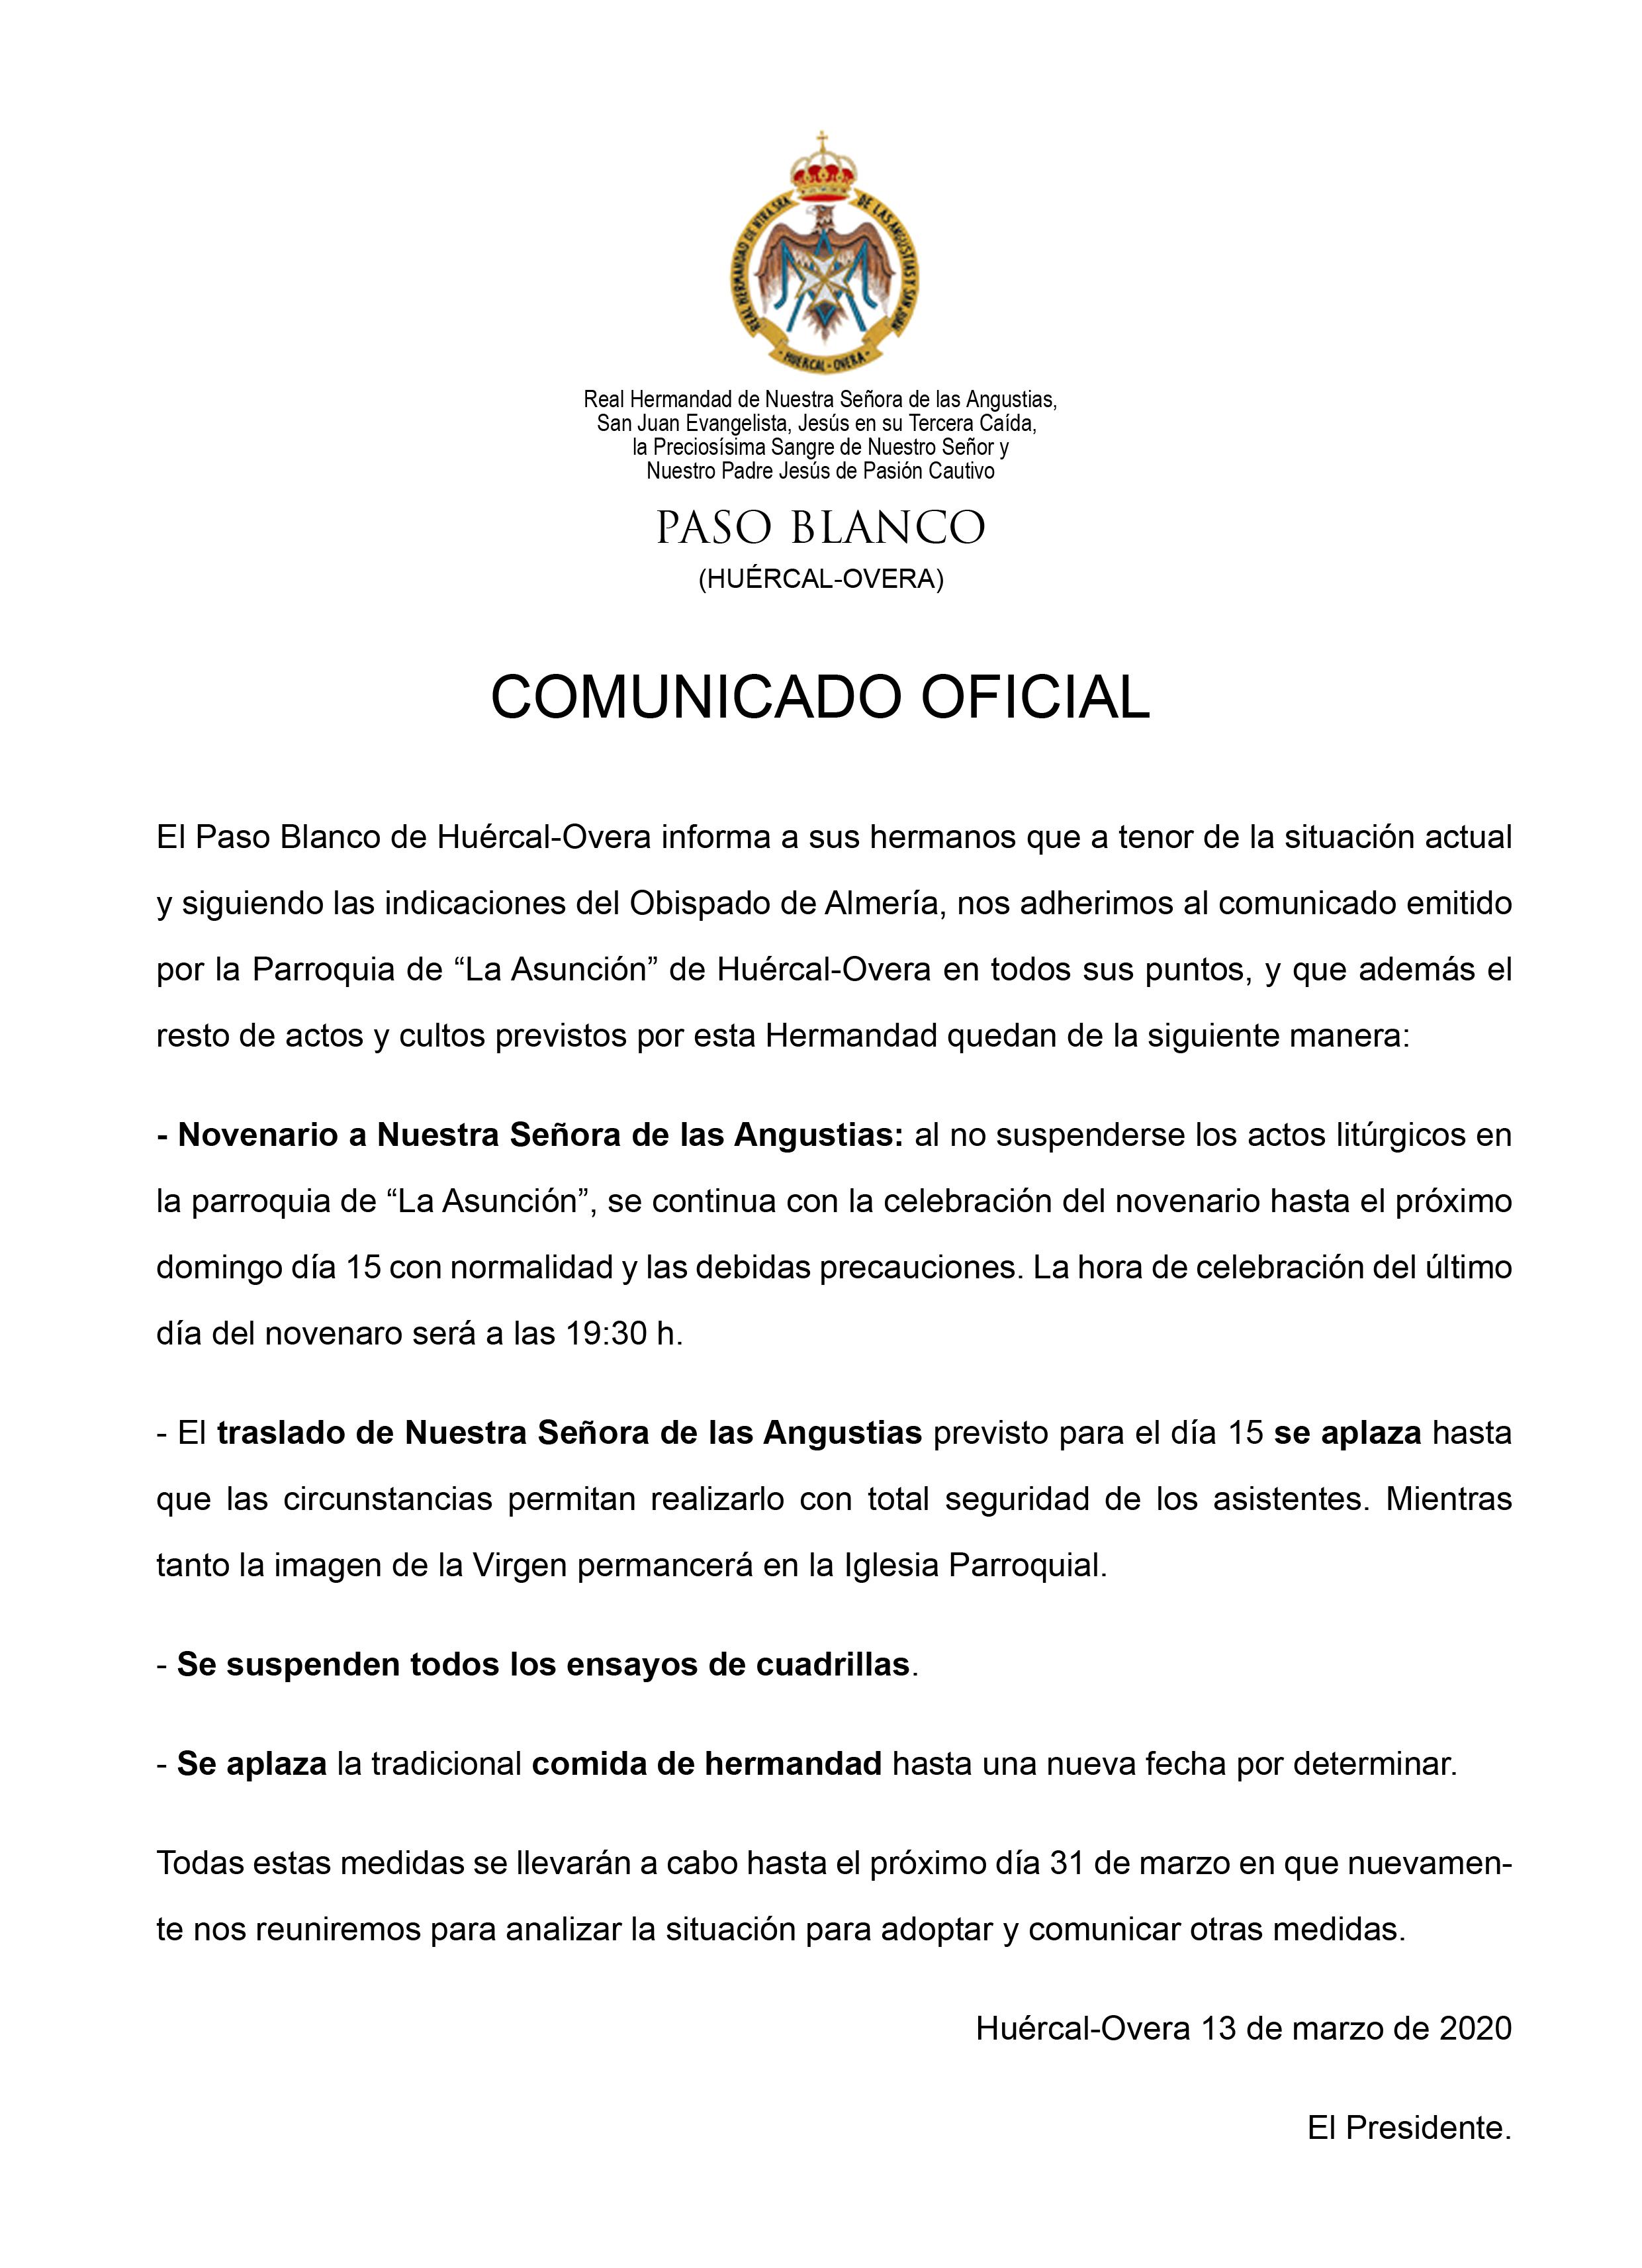 COMUNICADO OFICIAL DEL PASO BLANCO 13 de marzo de 2020